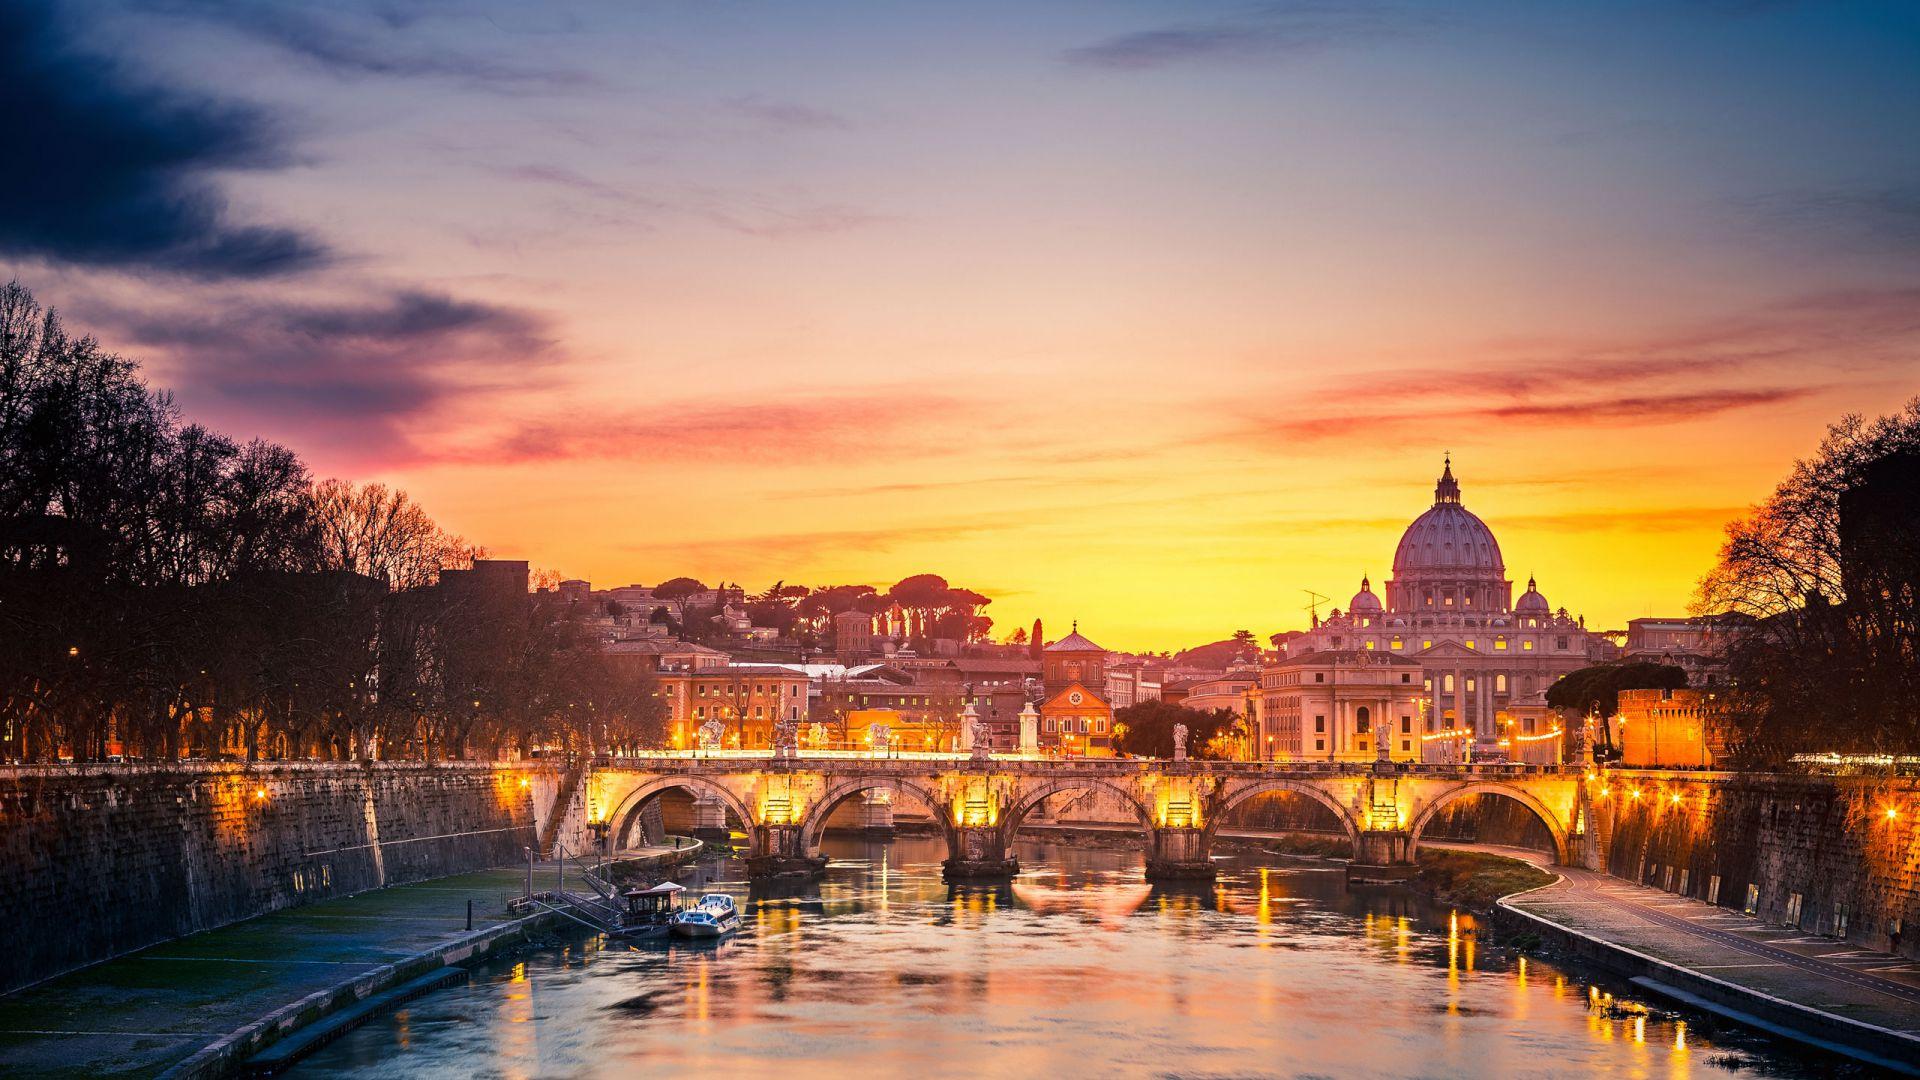 San-Carlo-Suite-Roma-san-pietro